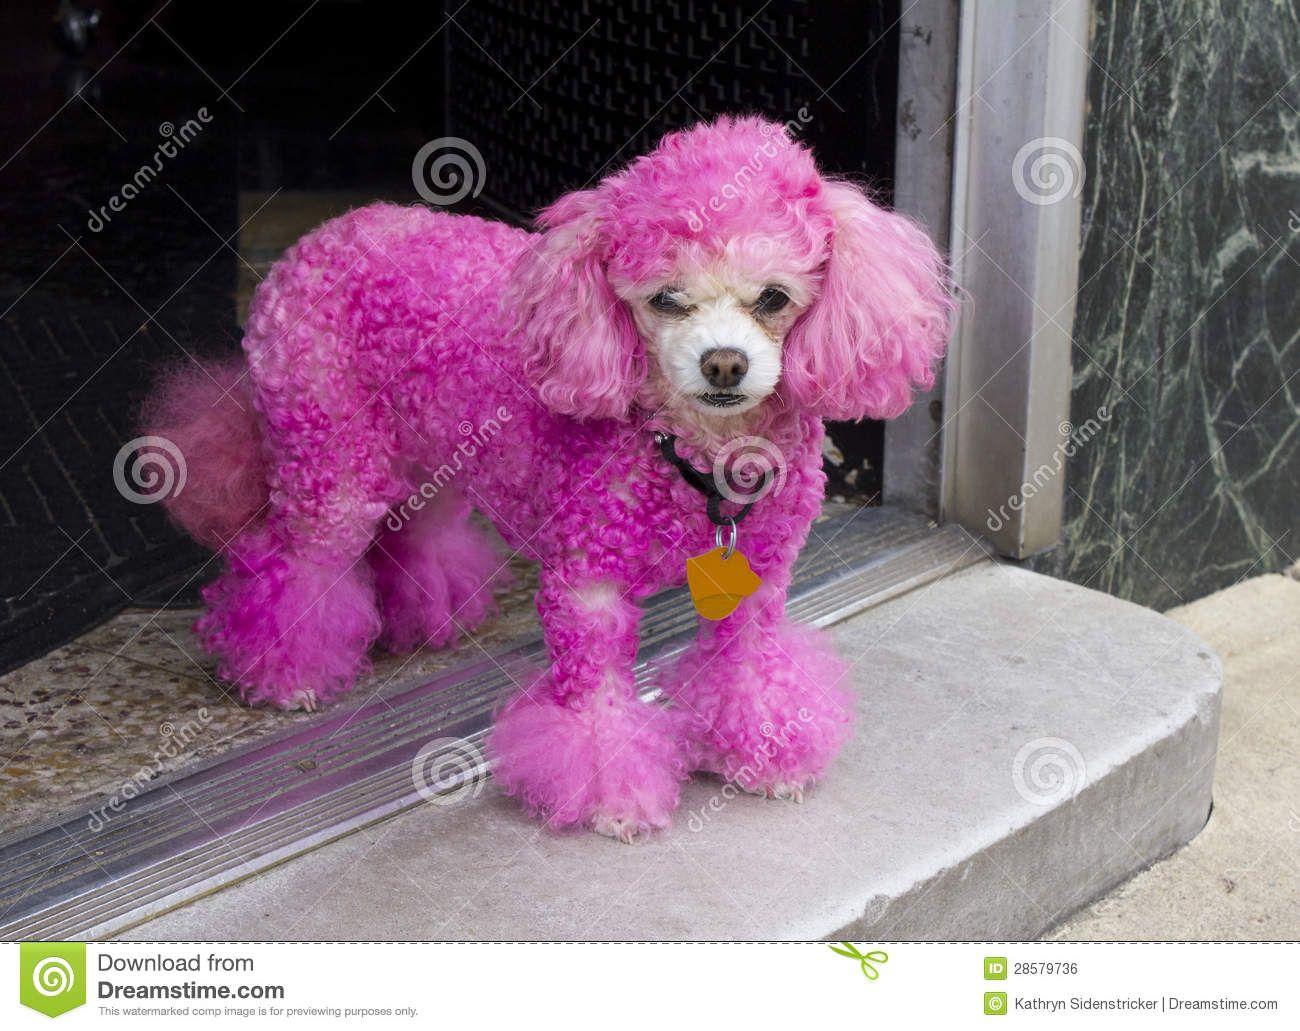 Miniature Pink Poodle Standing In A Doorway In Hot Springs